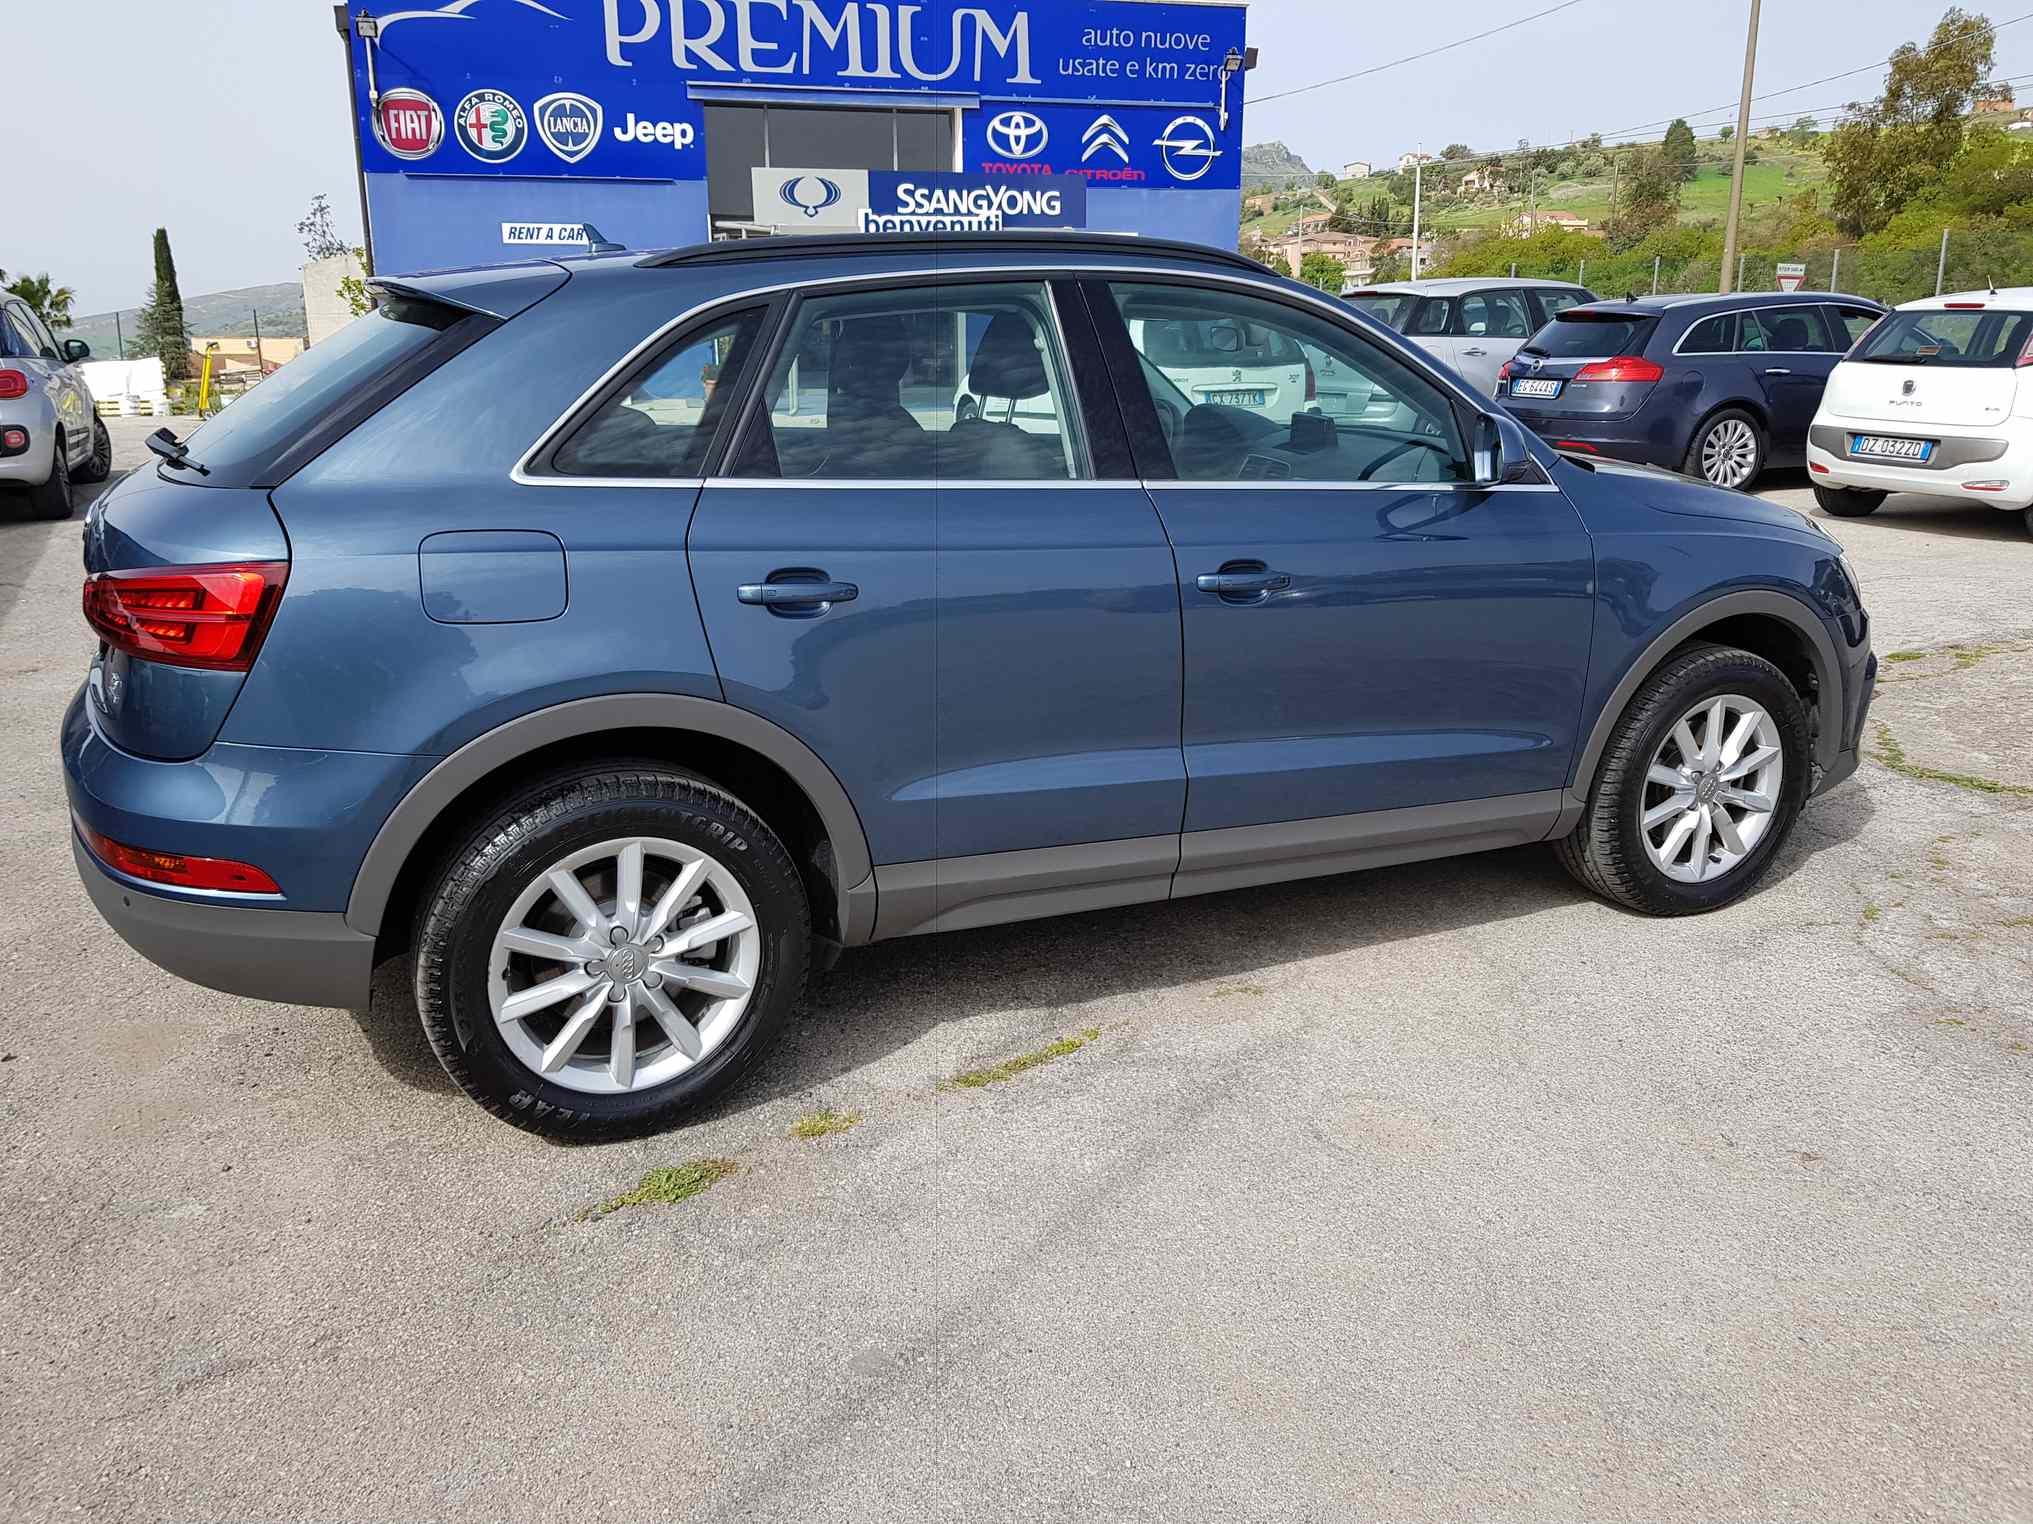 audi_q3_premium_auto_enna_vendita_automobili_3